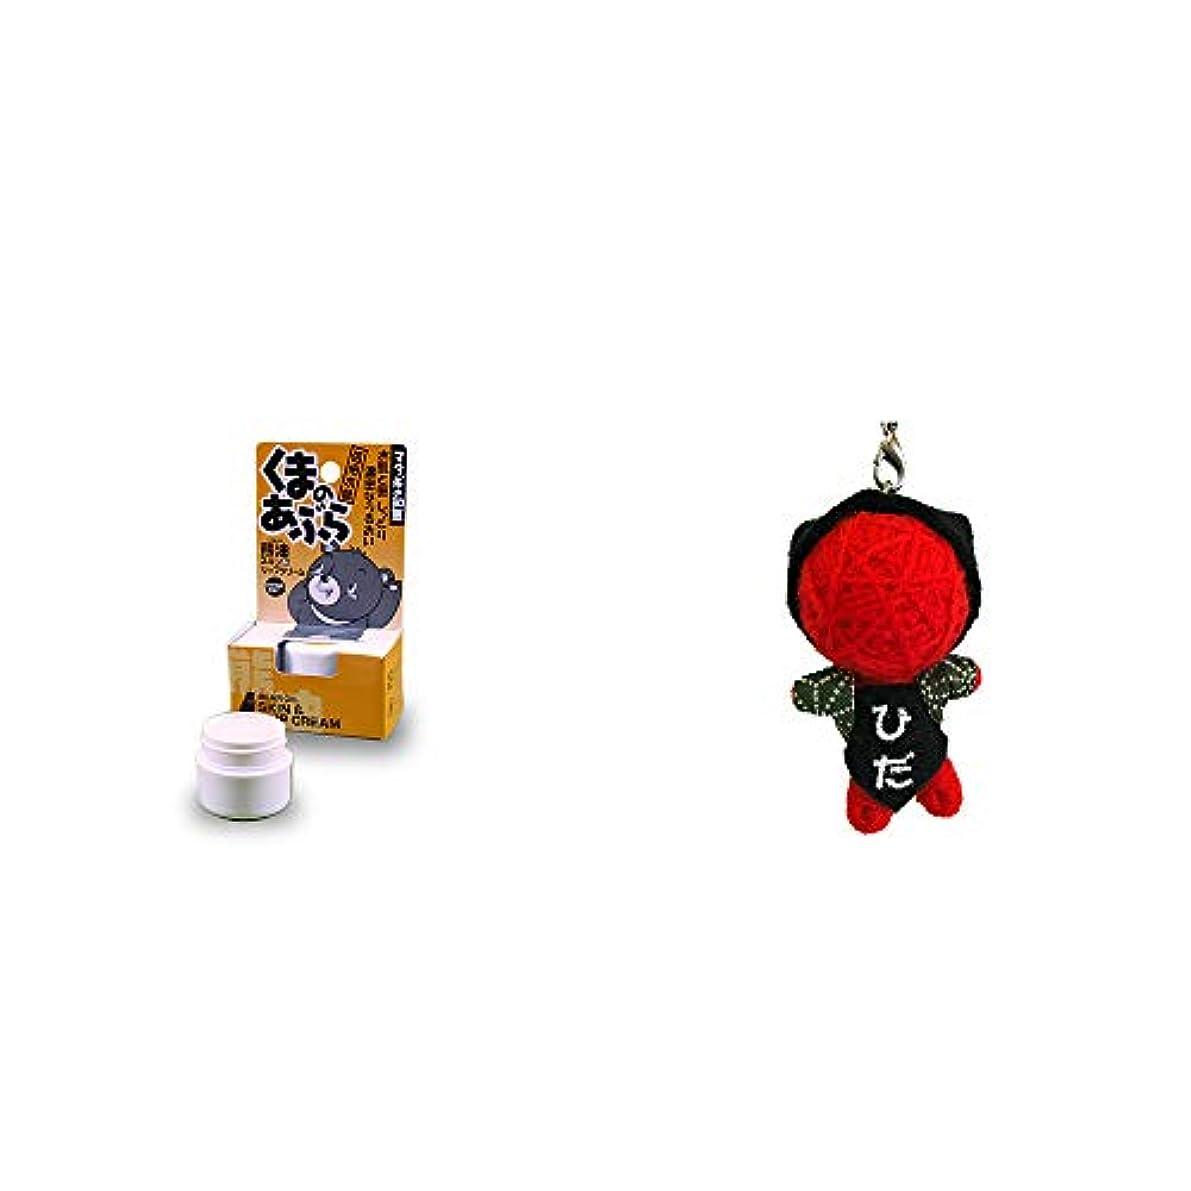 ミュート王位配分[2点セット] 信州木曽 くまのあぶら 熊油スキン&リップクリーム(9g)?ハッピー さるぼぼドール ブドゥドール(ストラップ) / 魔除け?身代わり人形 //